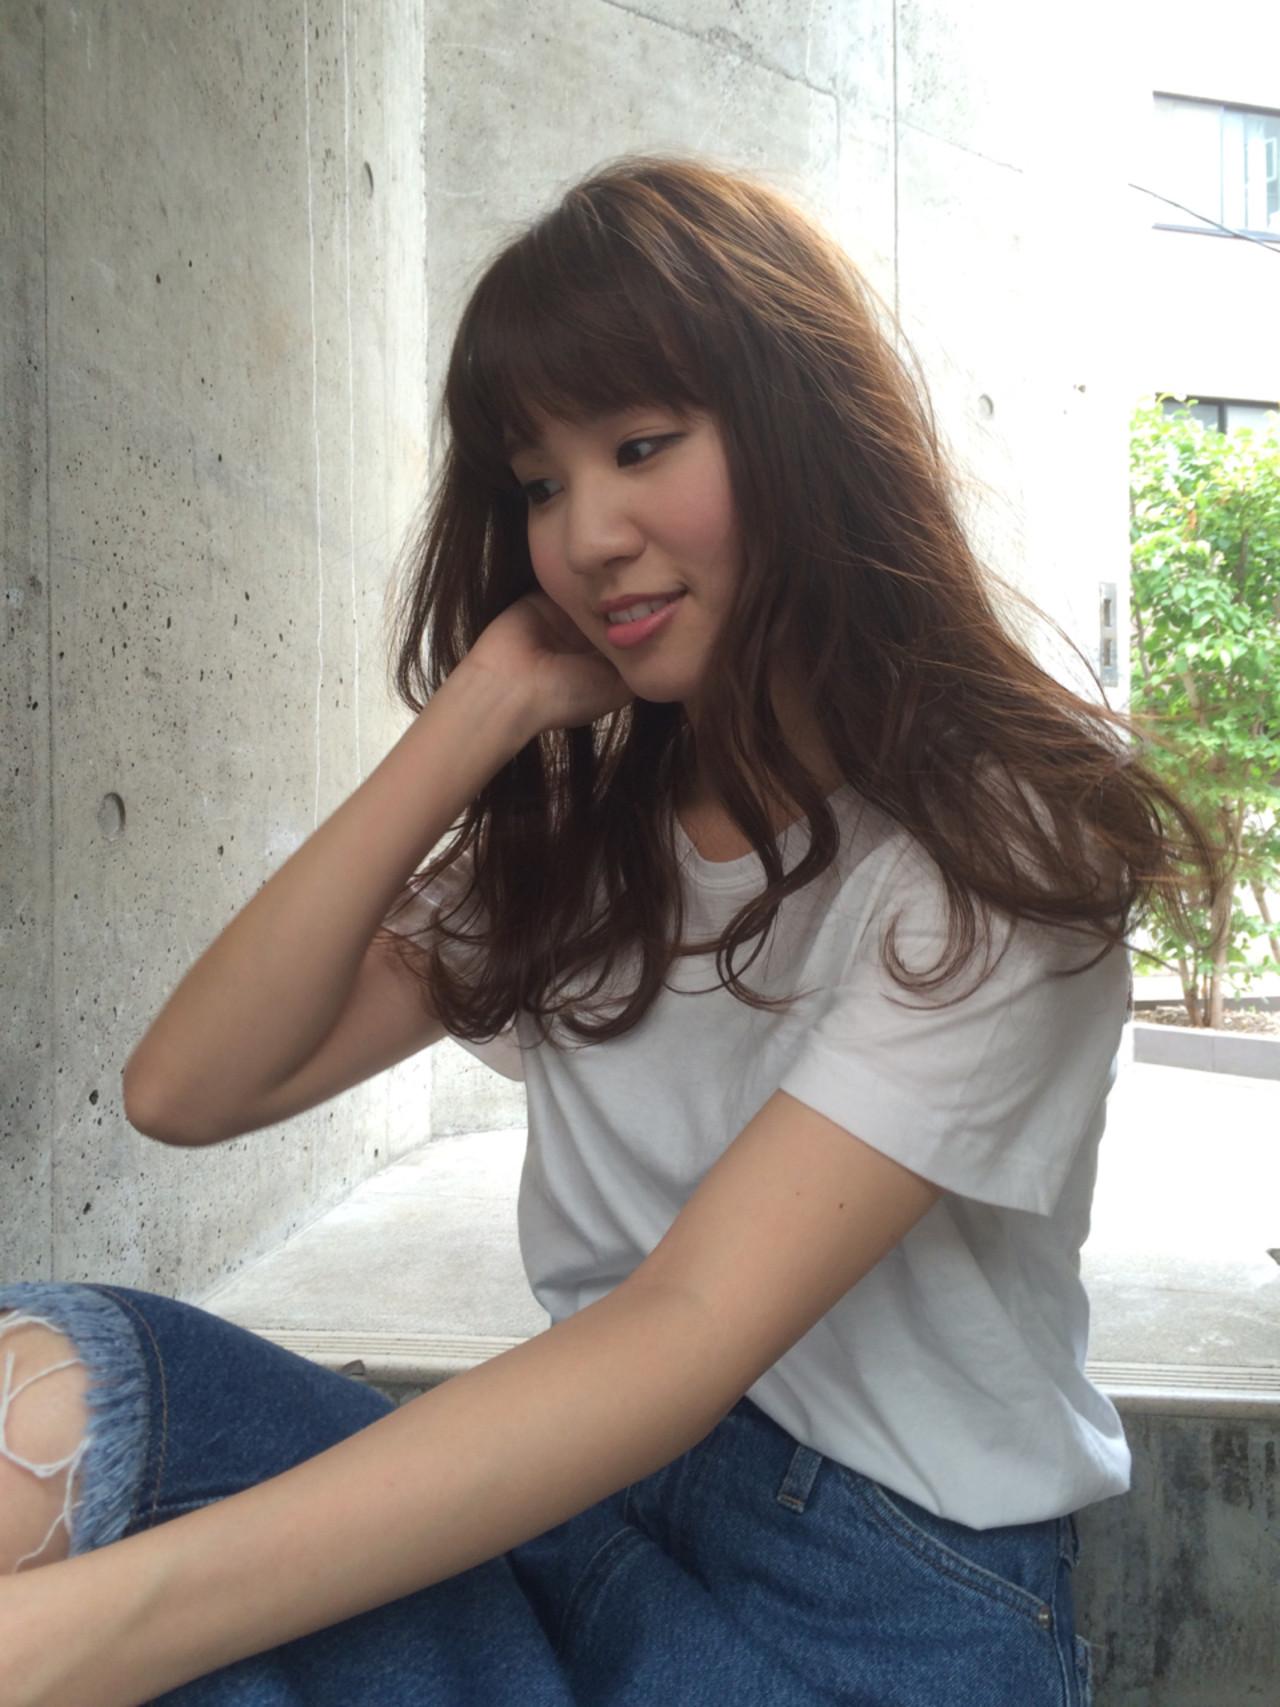 ナチュラル パーマ 前髪パッツン 前髪あり ヘアスタイルや髪型の写真・画像 | 【素材コンシェルジュ型/ショートの極】川島佑一 / Lounge×morio ikebukuro